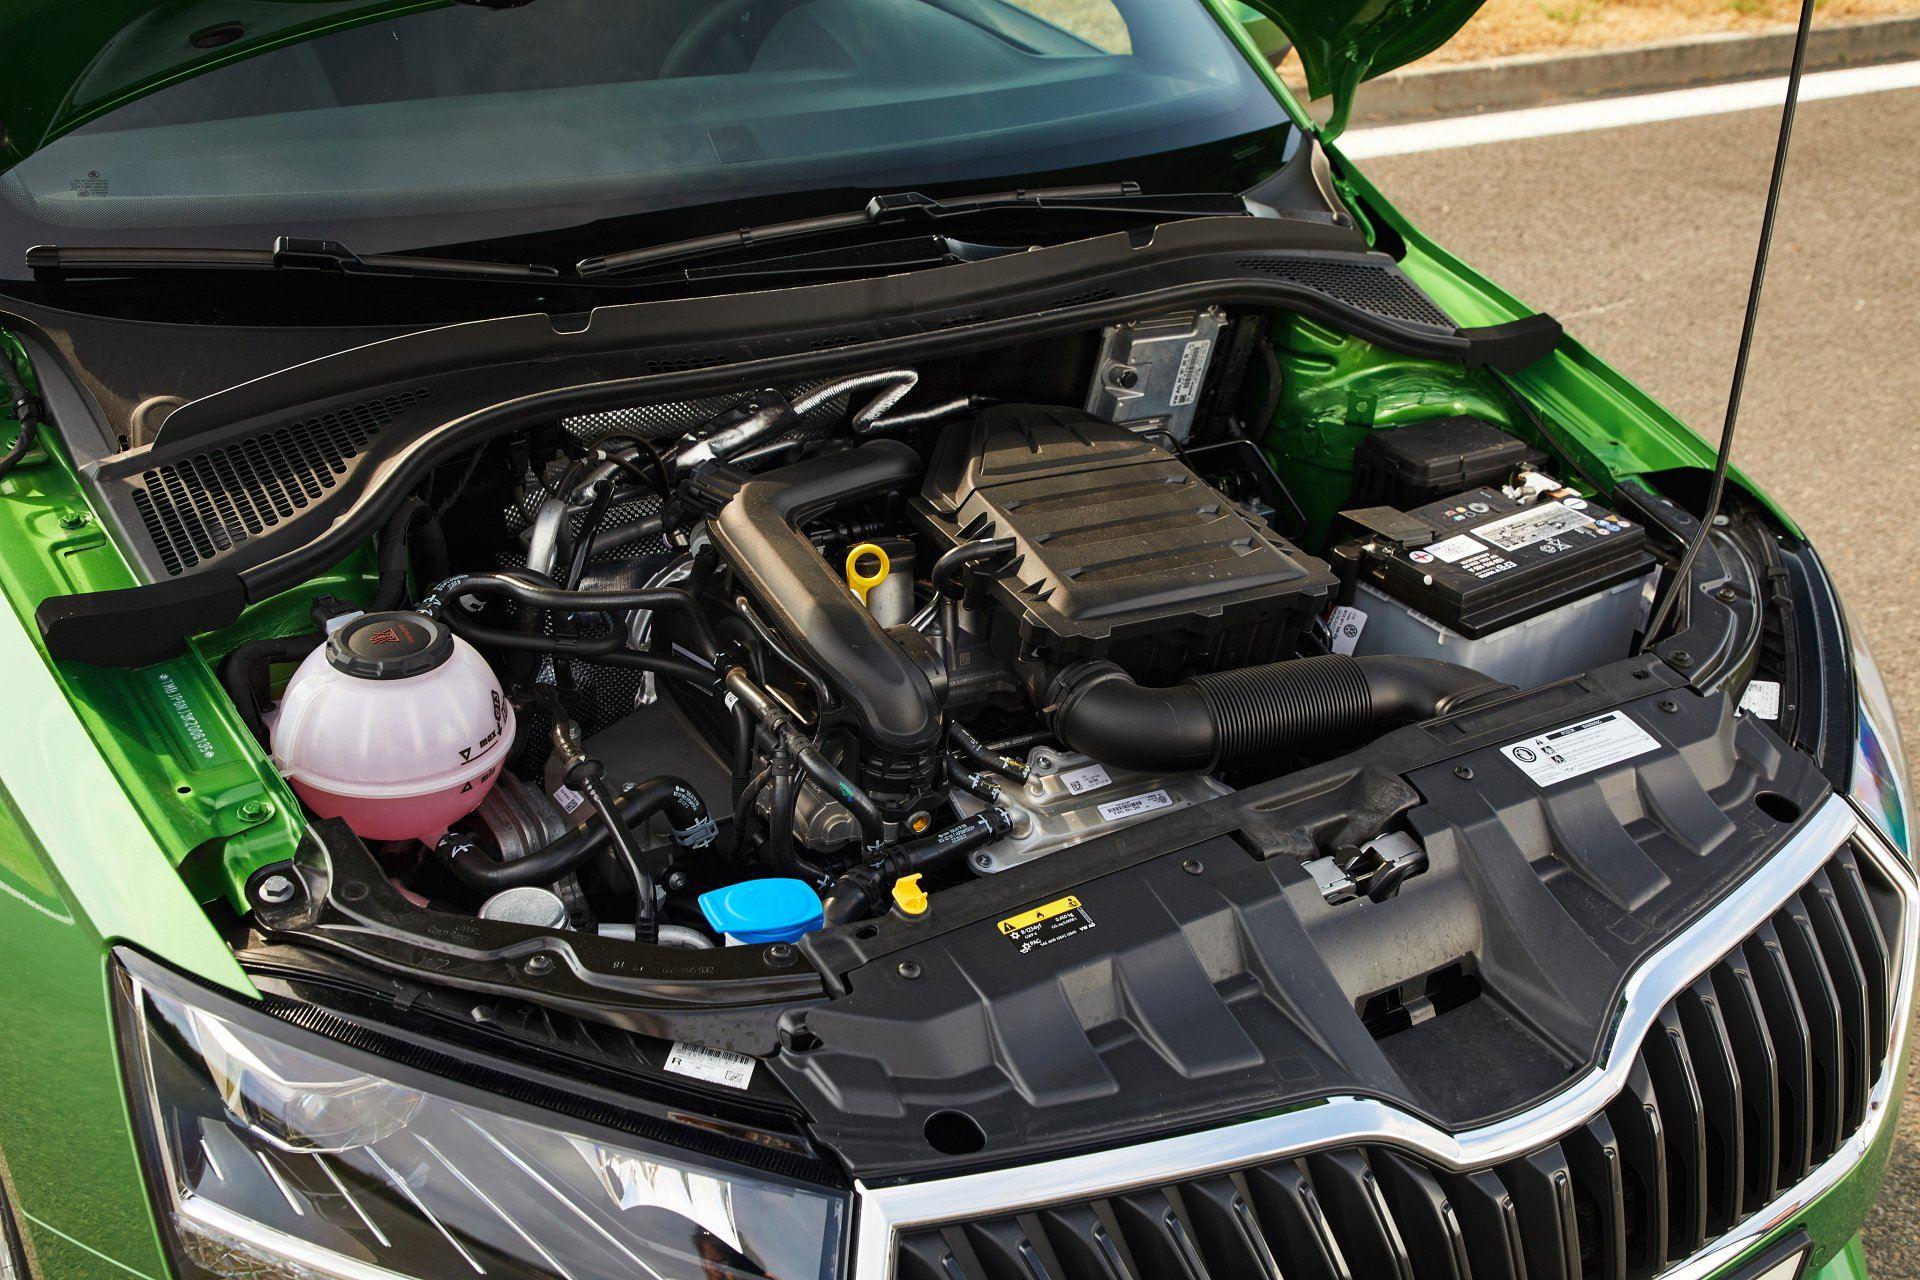 Skoda Fabia po liftingu - benzynowy silnik 1.0 TSI (2019)